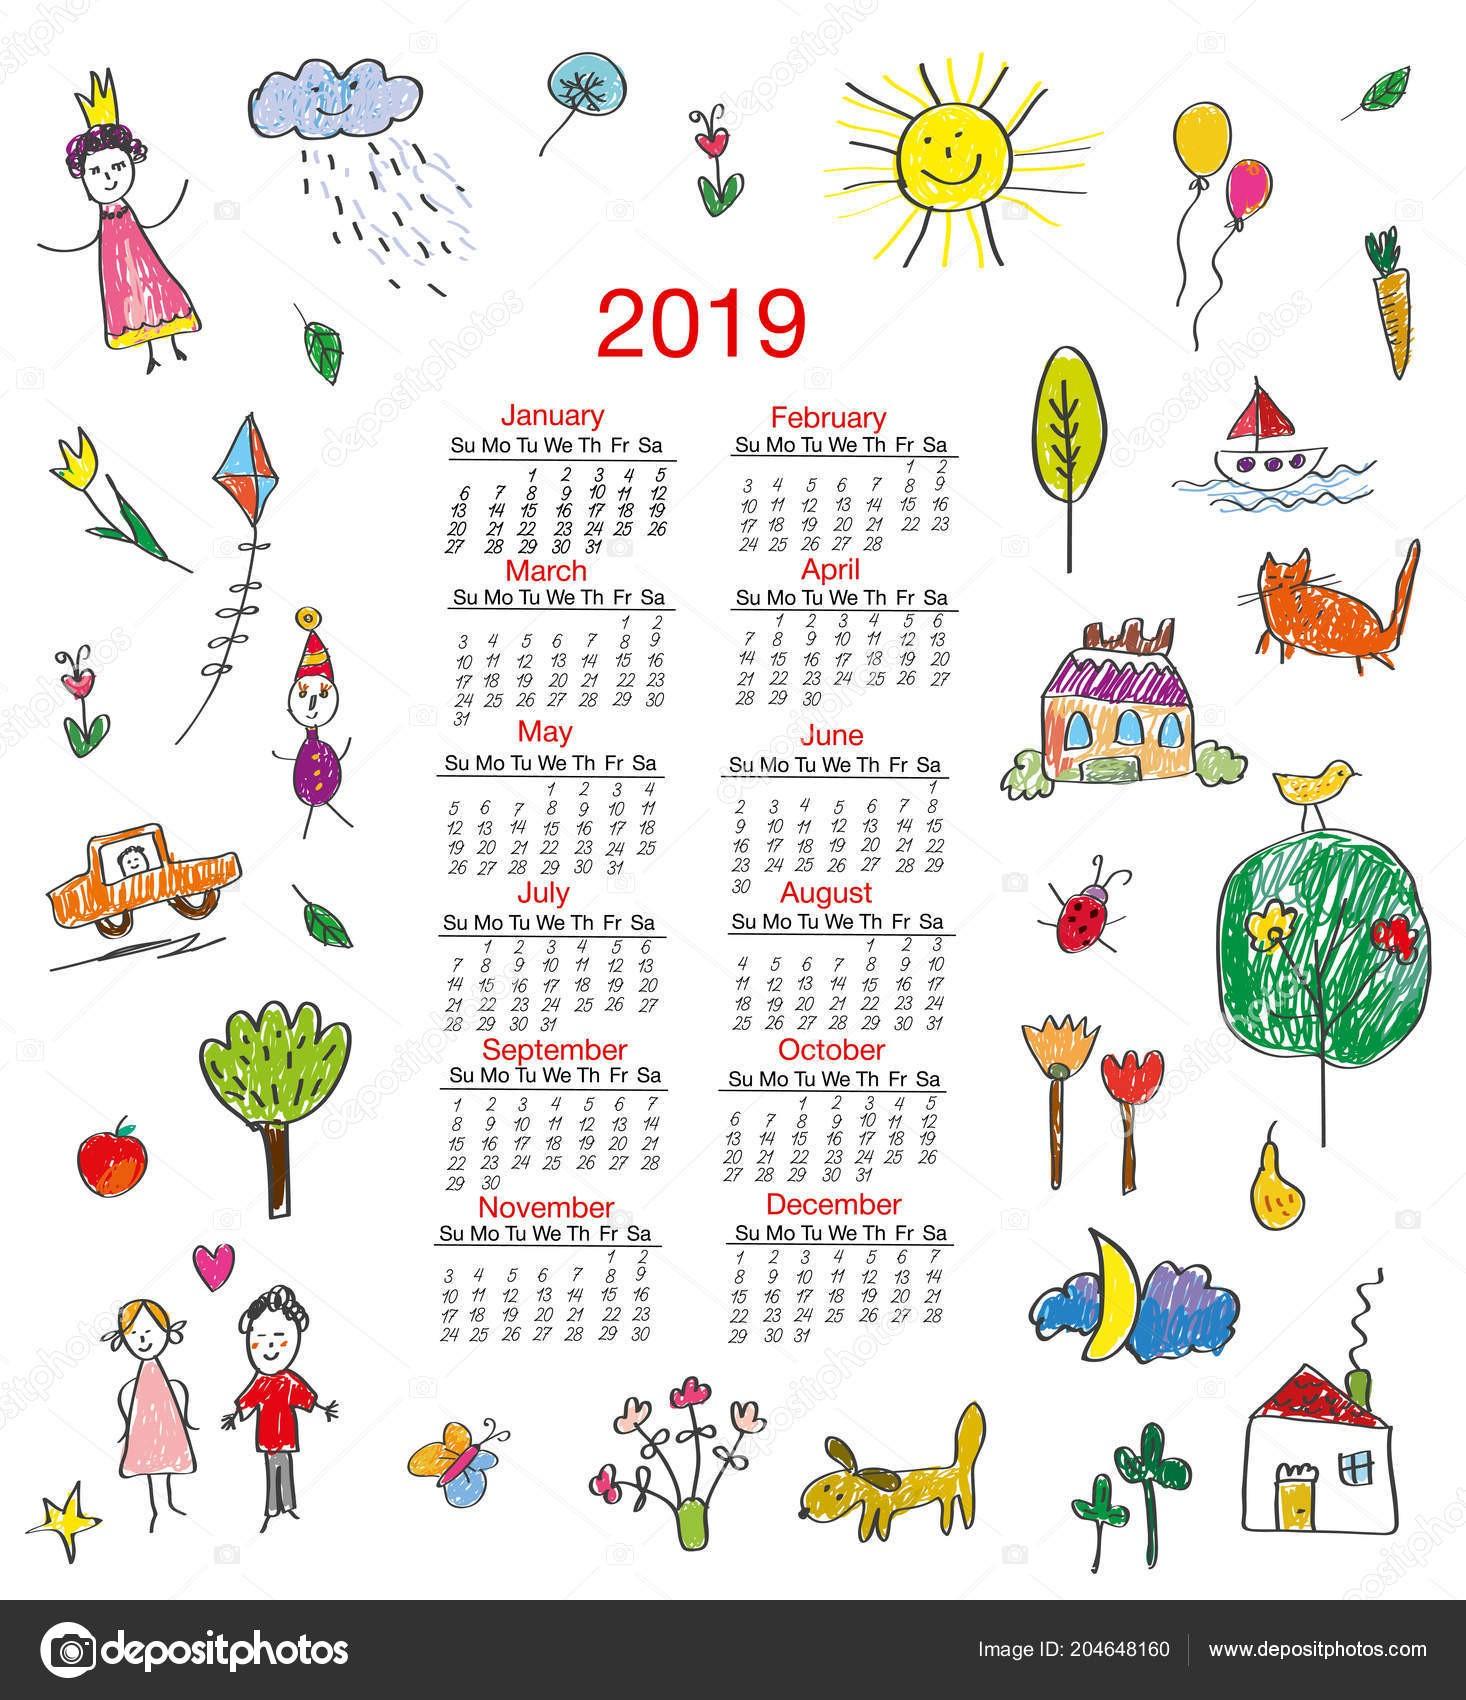 Calendario Vacunas 2017 Para Imprimir Más Recientemente Liberado Calendario Ninos Of Calendario Vacunas 2017 Para Imprimir Recientes Calendario Menstrual Gratis